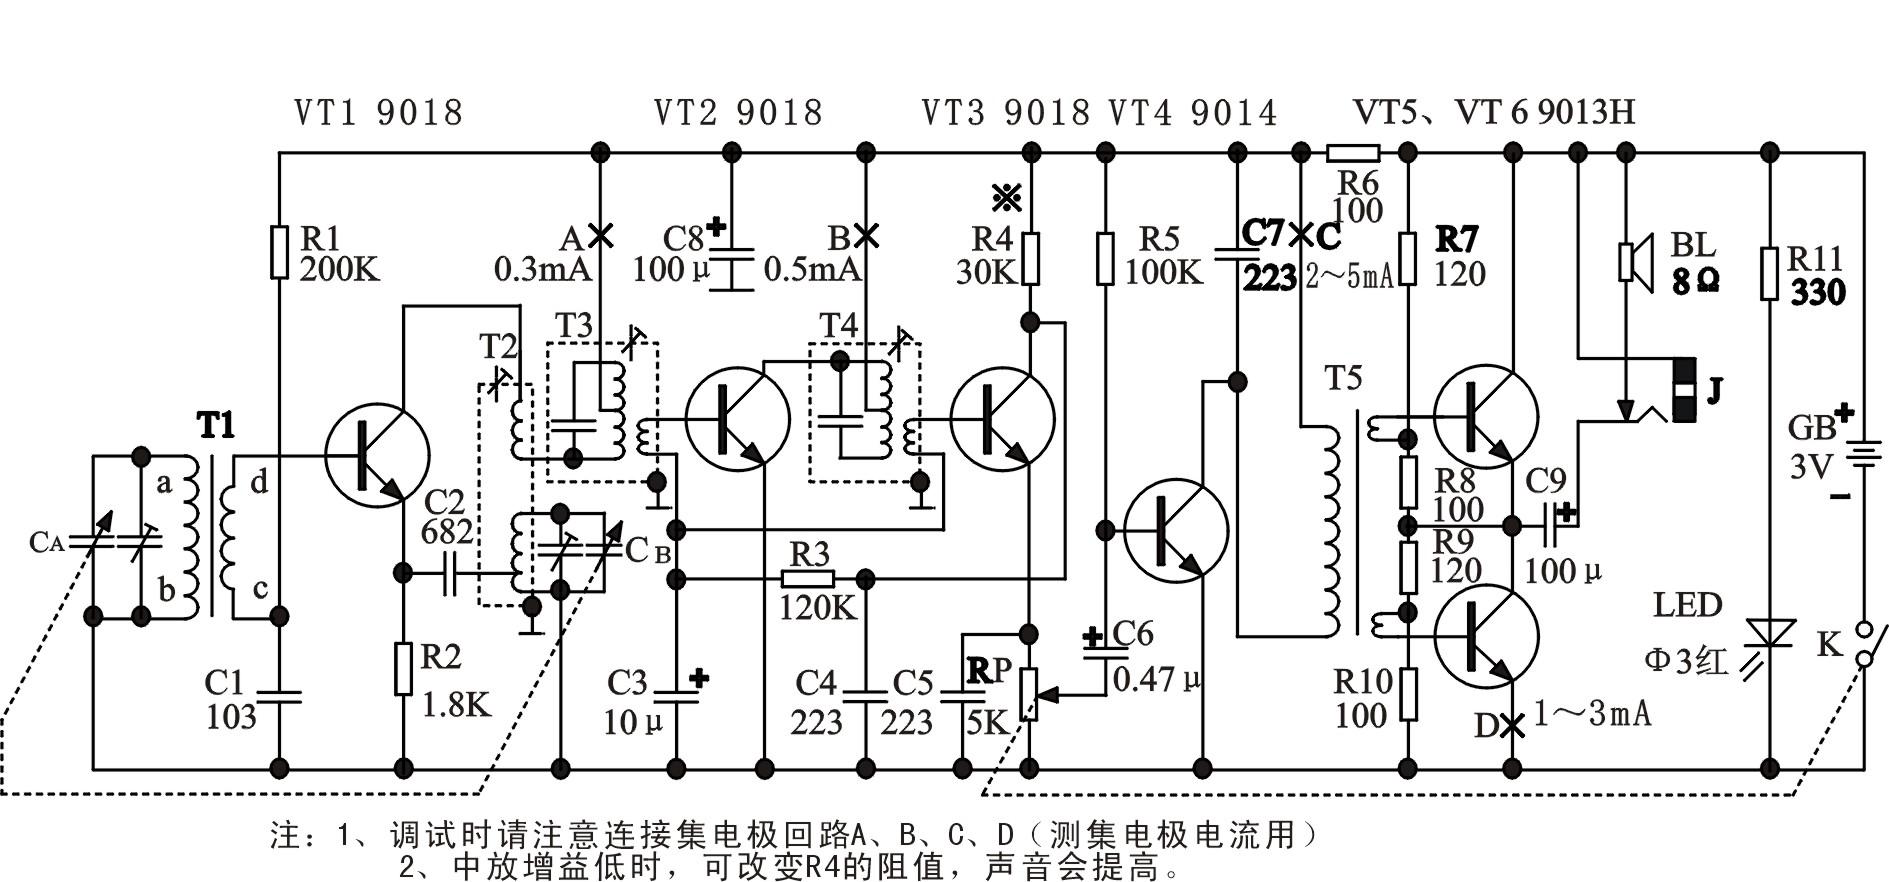 我想学习9018六管超外差式收音机的电路图,好多地方看